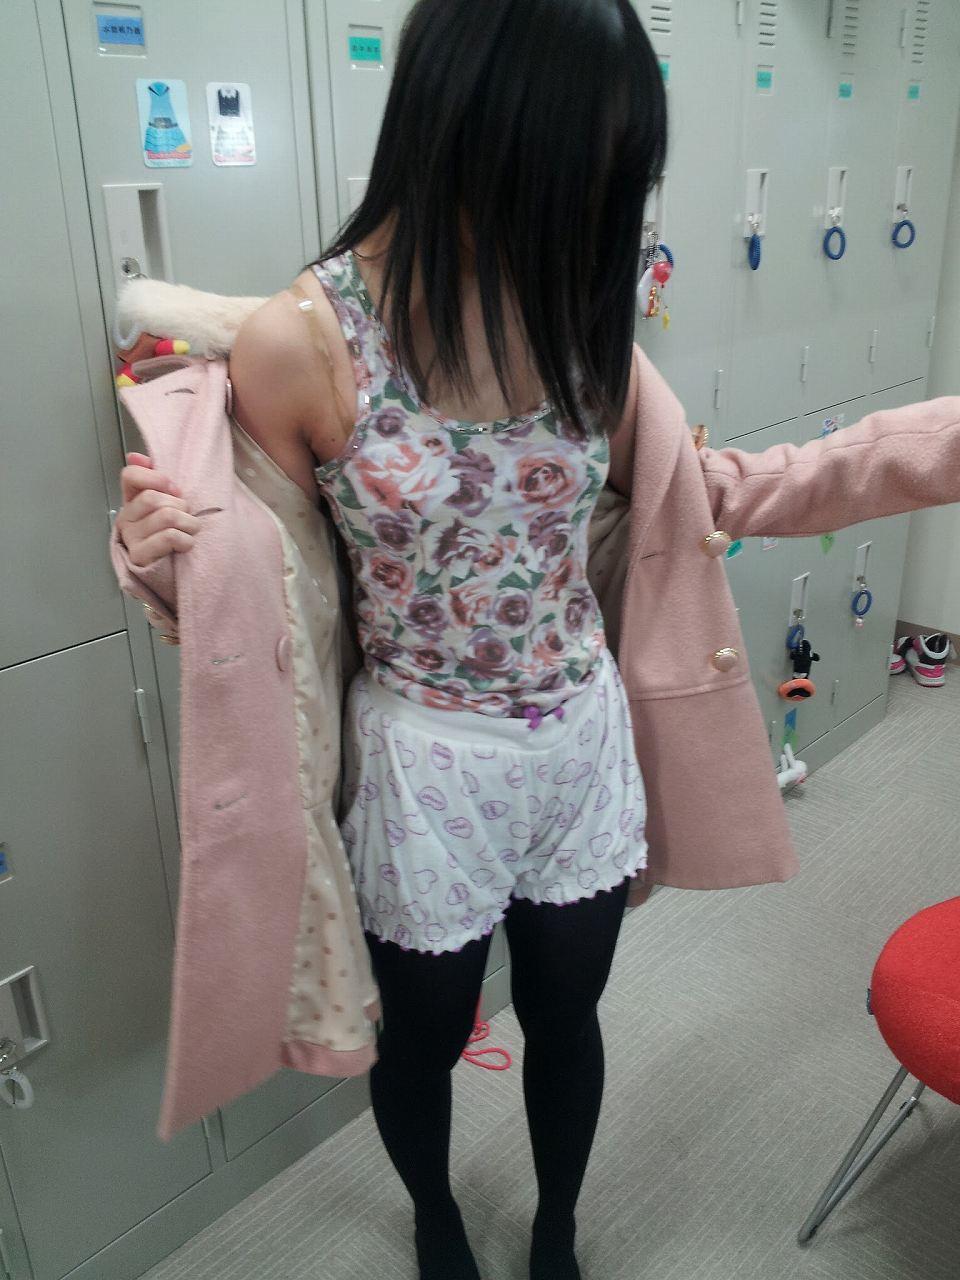 コートを脱いで下着同然の私服を見せてるJC(中学生時代)の二村春香